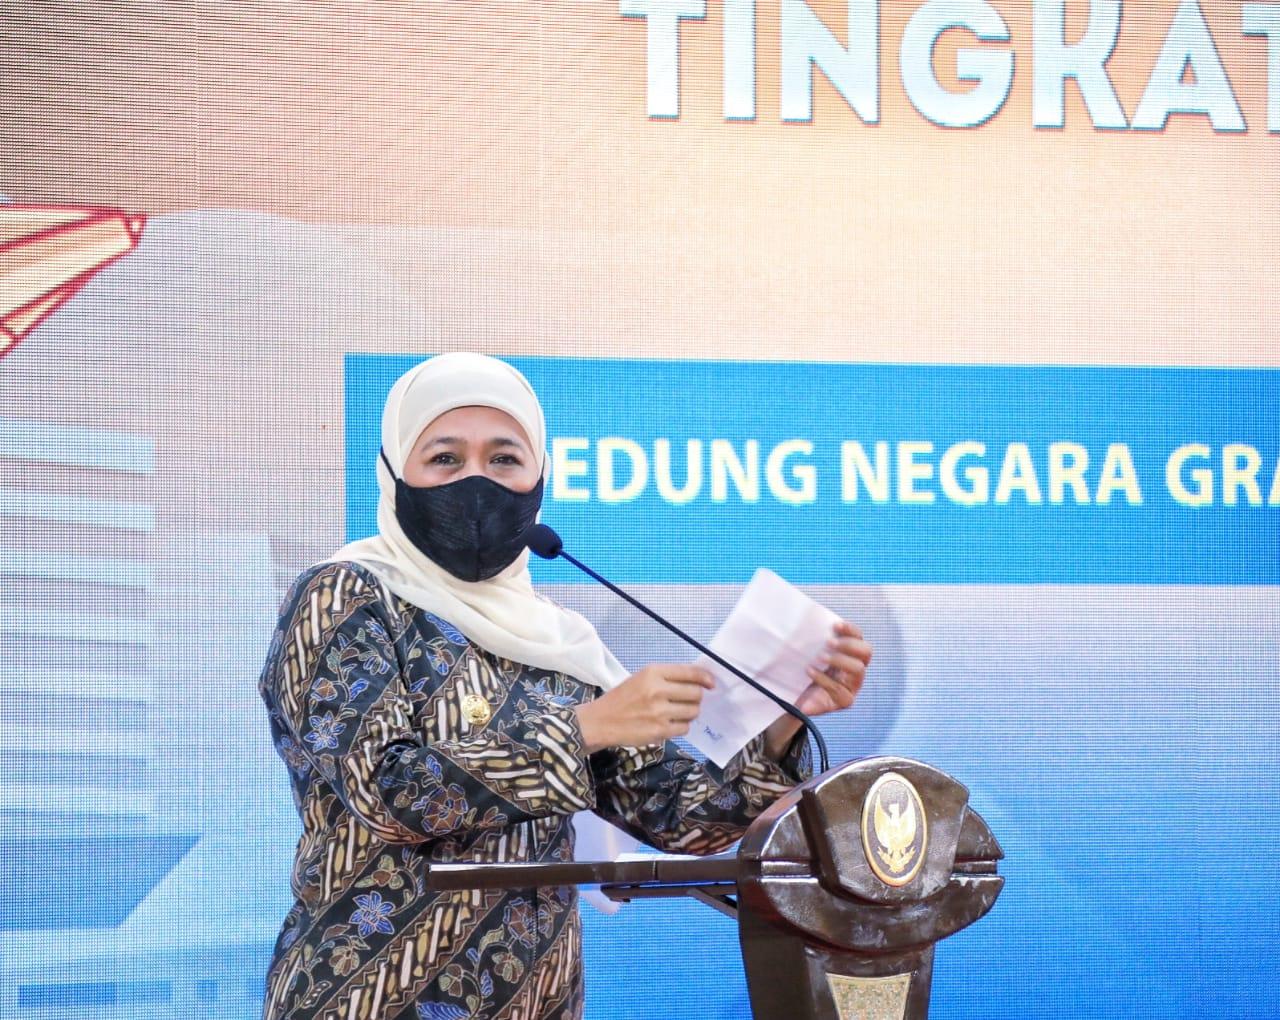 Gubernur Jatim, Khofifah saat menghadiri acara HPN dan HUT PWI Jatim di Gedung Grahadi Surabaya. (Istimewa/ Humas Pemprov Jatim )